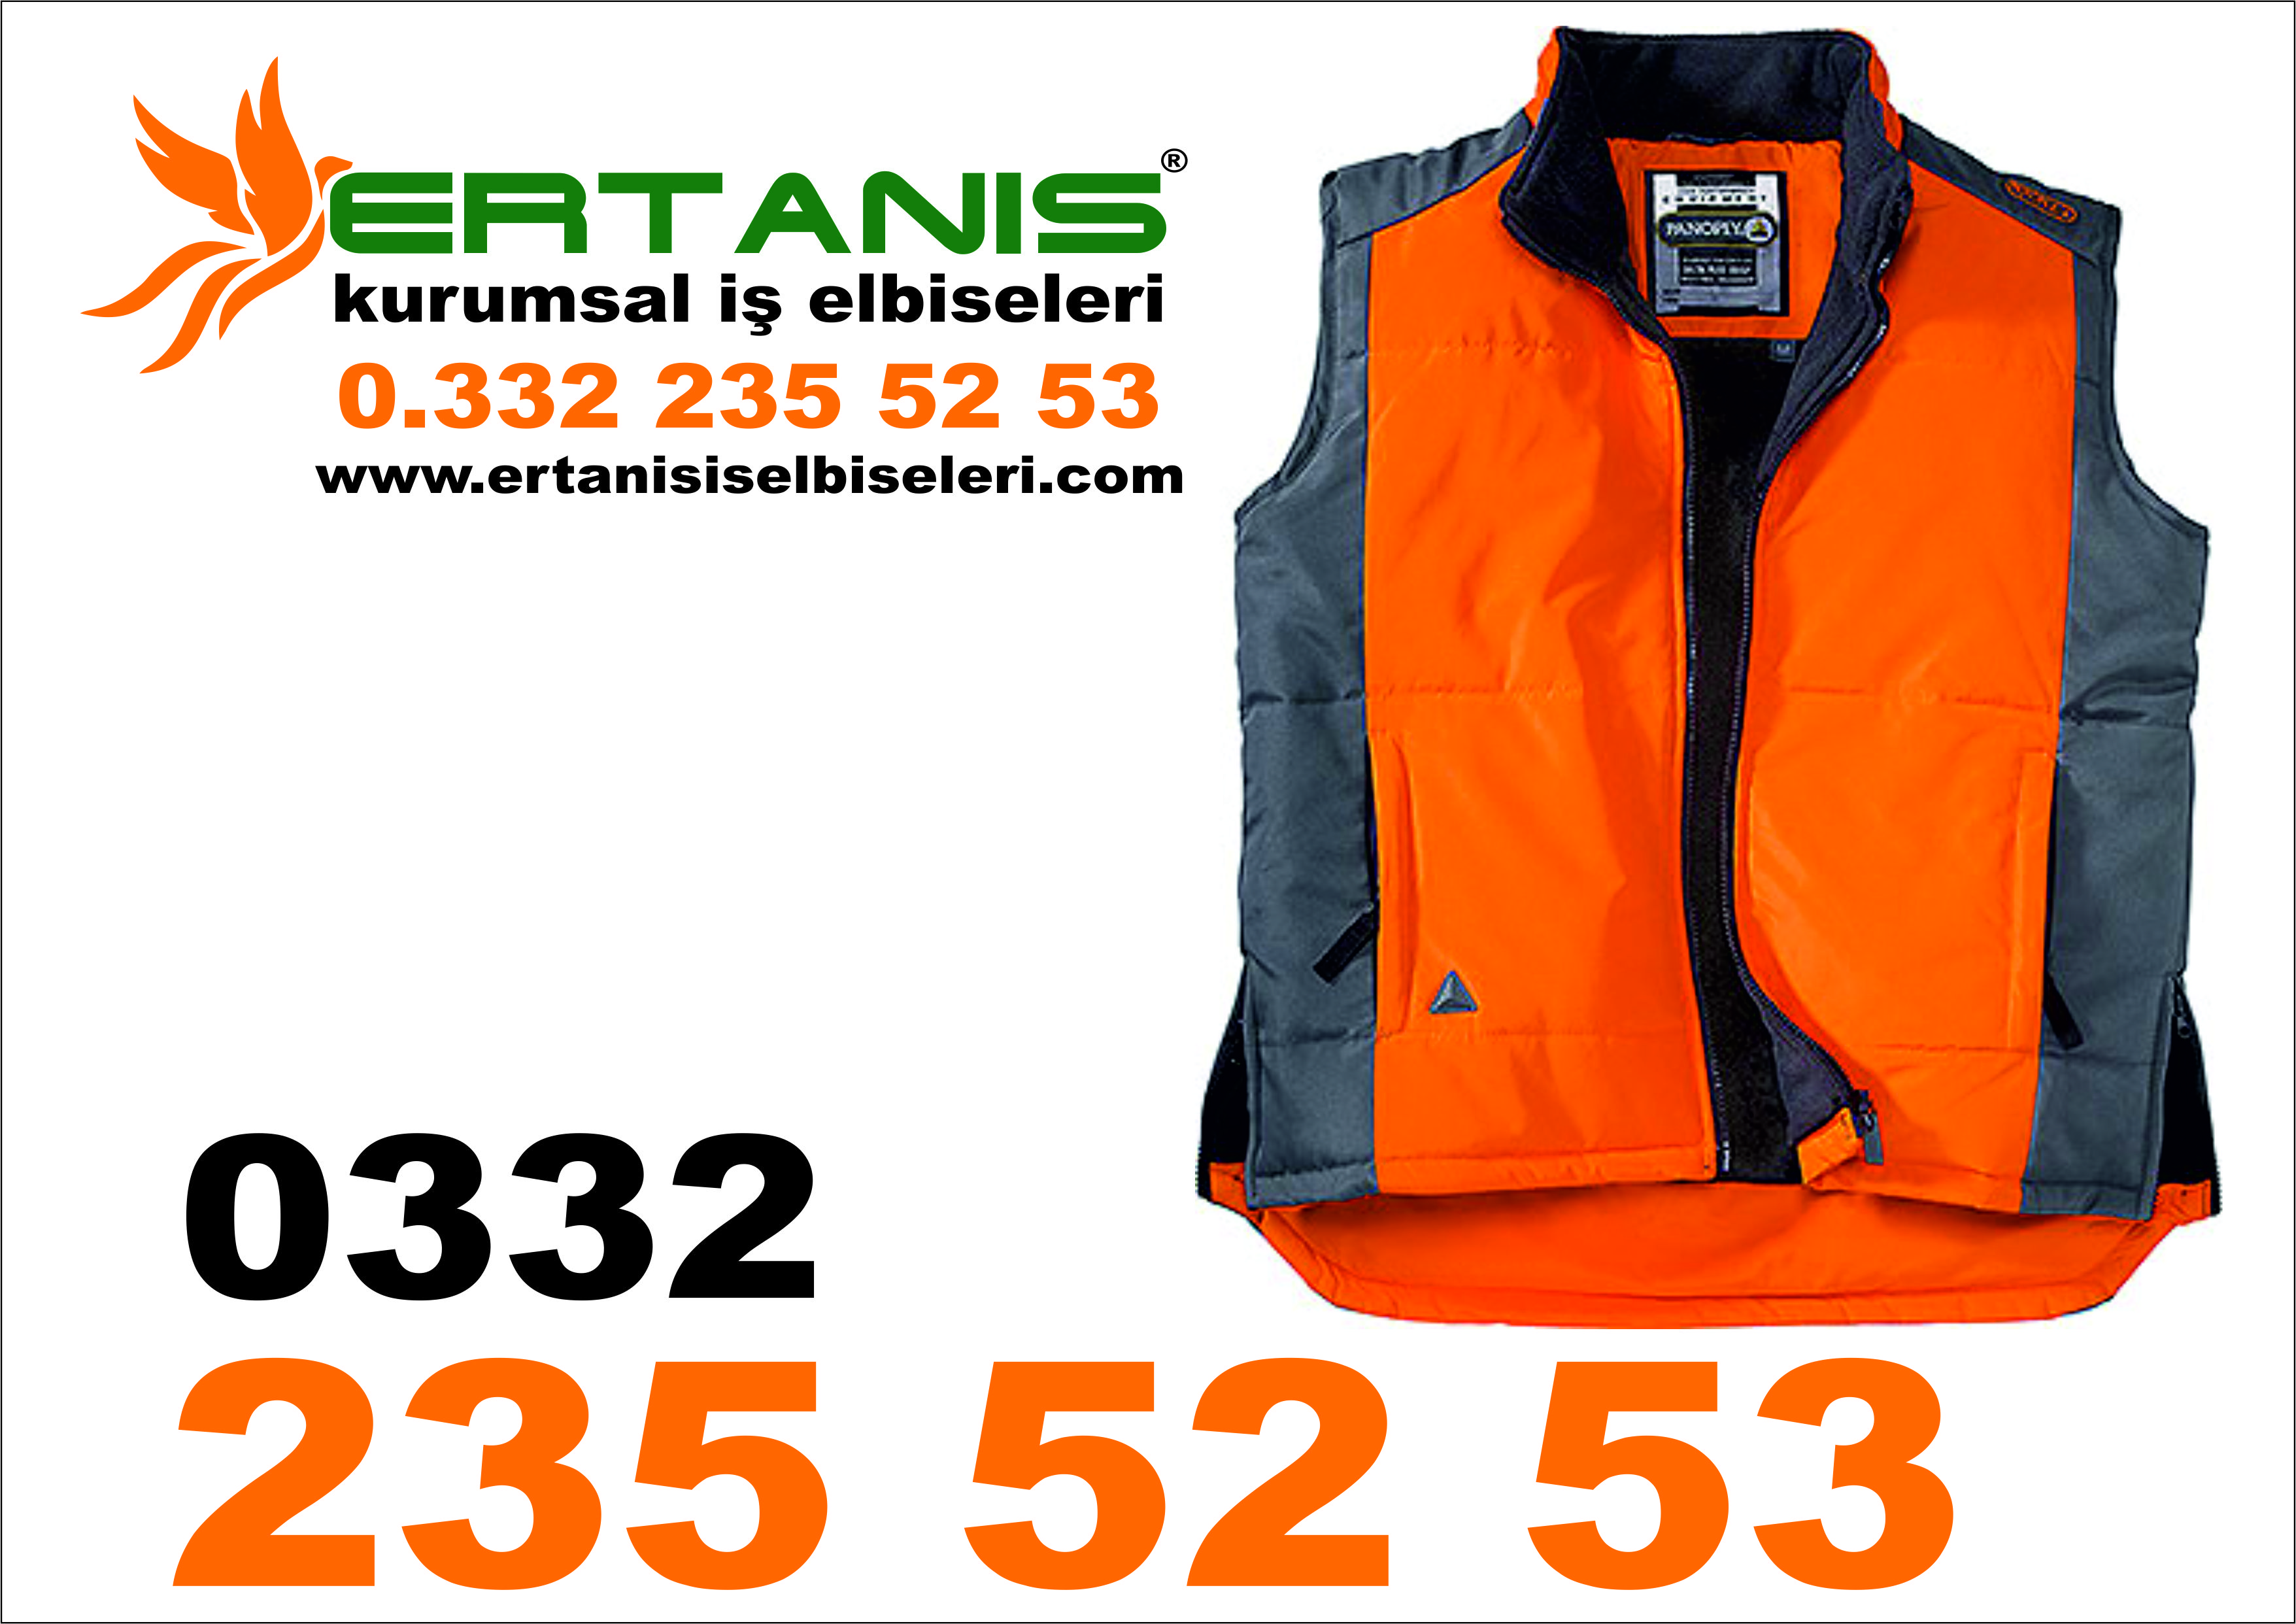 Corporate Work Clothes Ertanis  - TurkishFashion.net